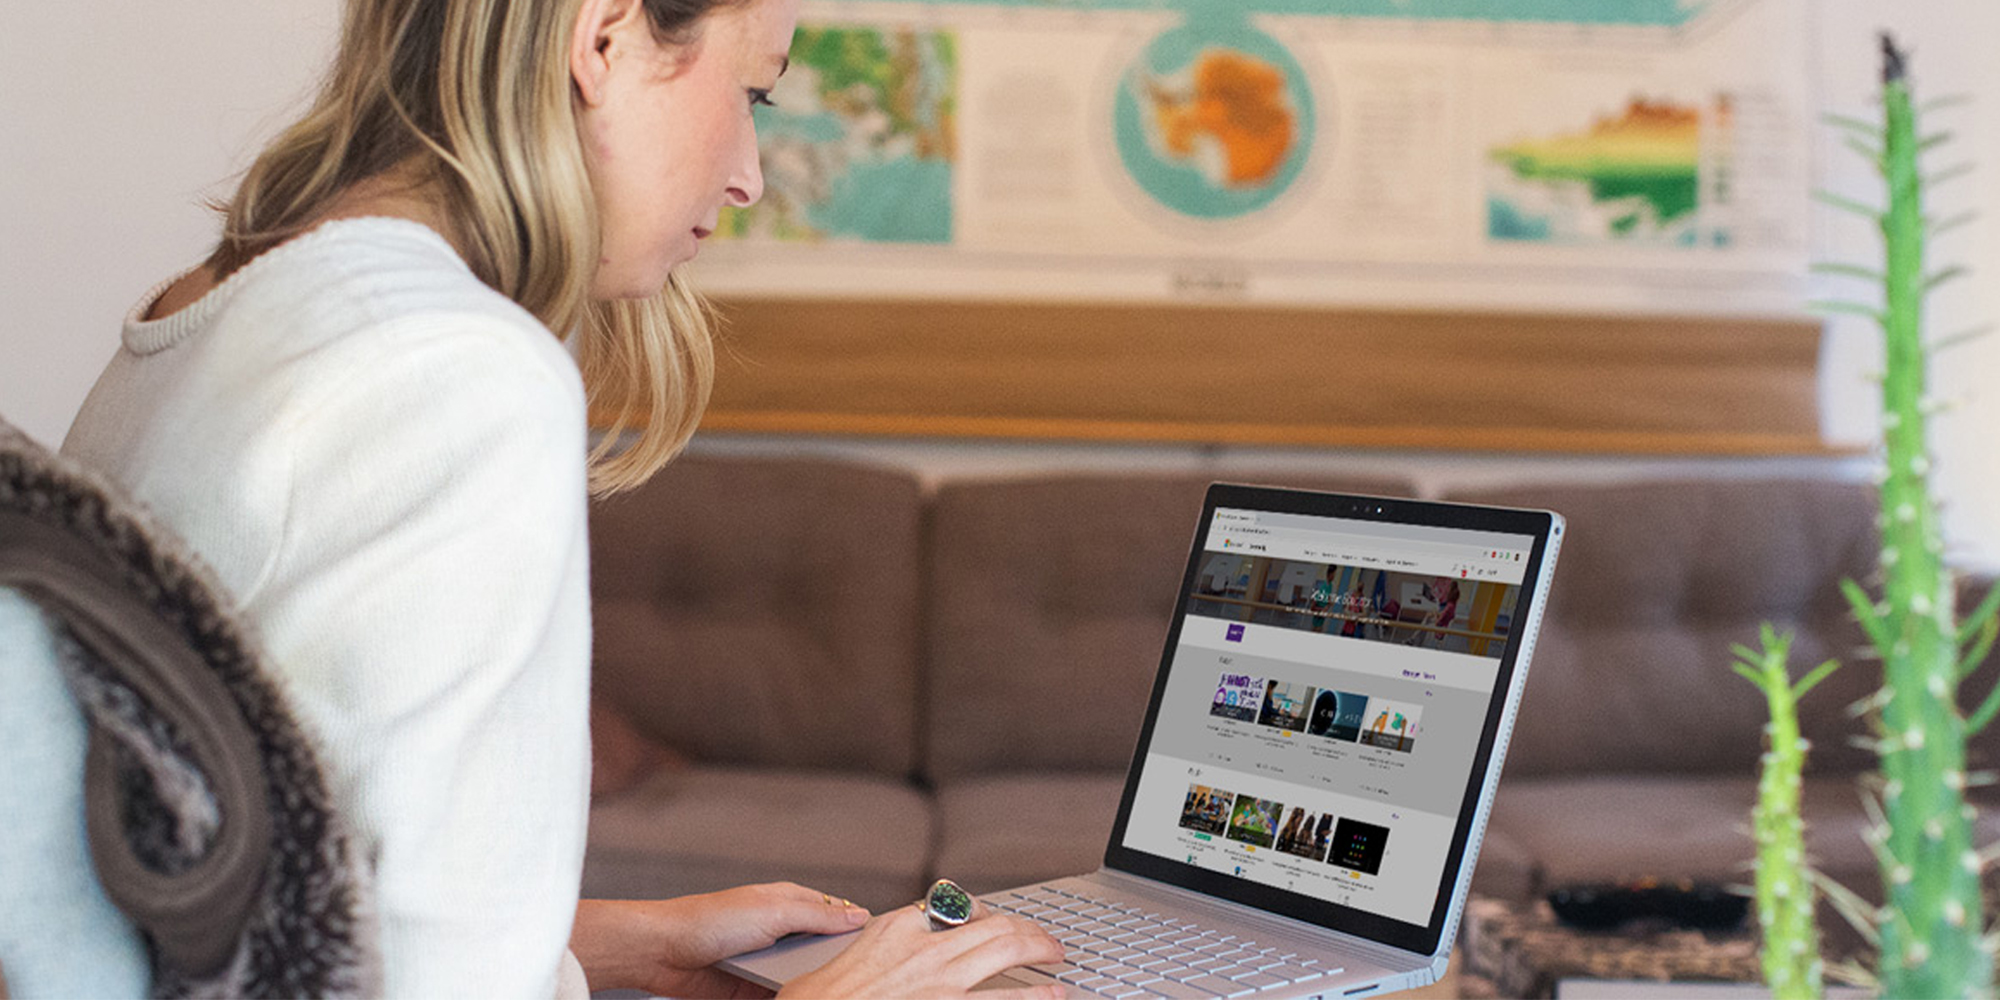 een vrouw gebruikt een laptop